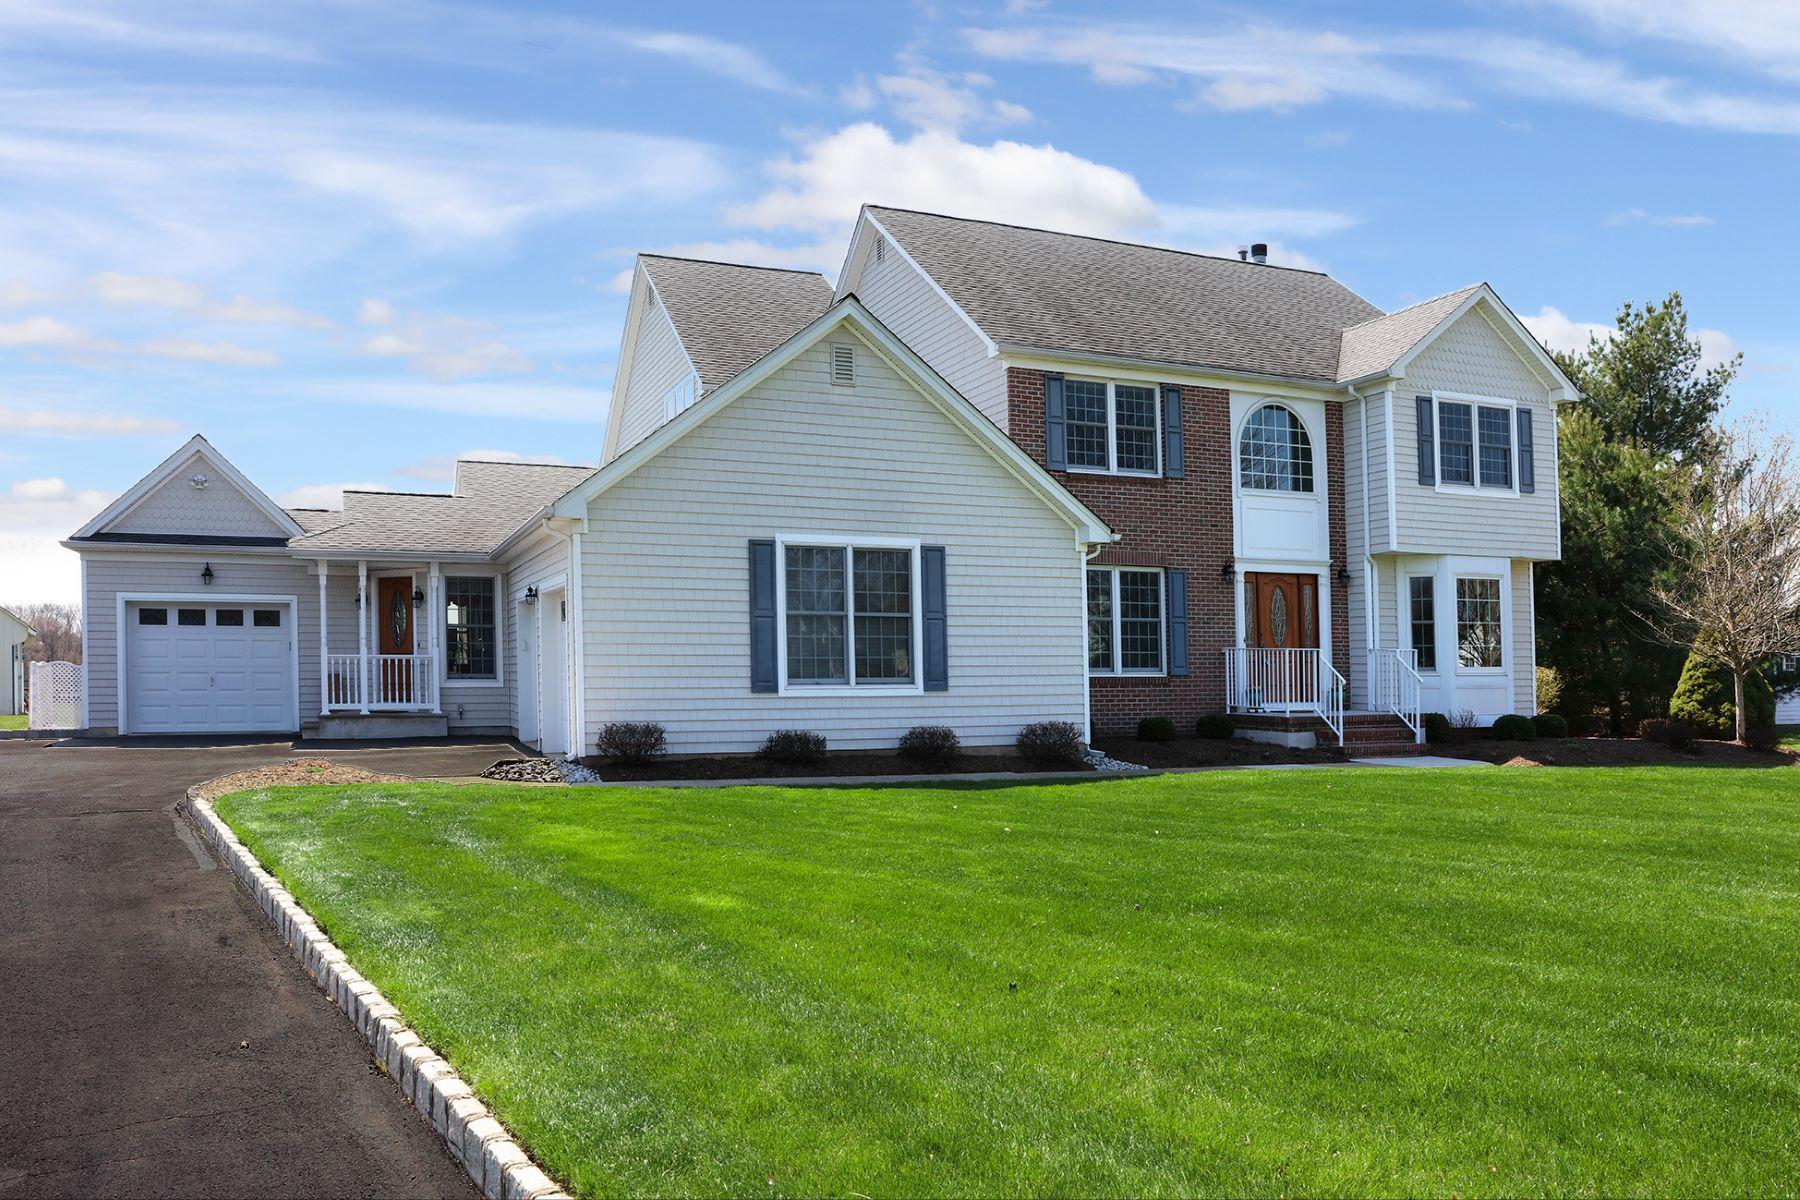 Частный односемейный дом для того Продажа на A Serene Outlook From Every Room - Readington Township 25 John Reading Road Flemington, 08822 Соединенные Штаты